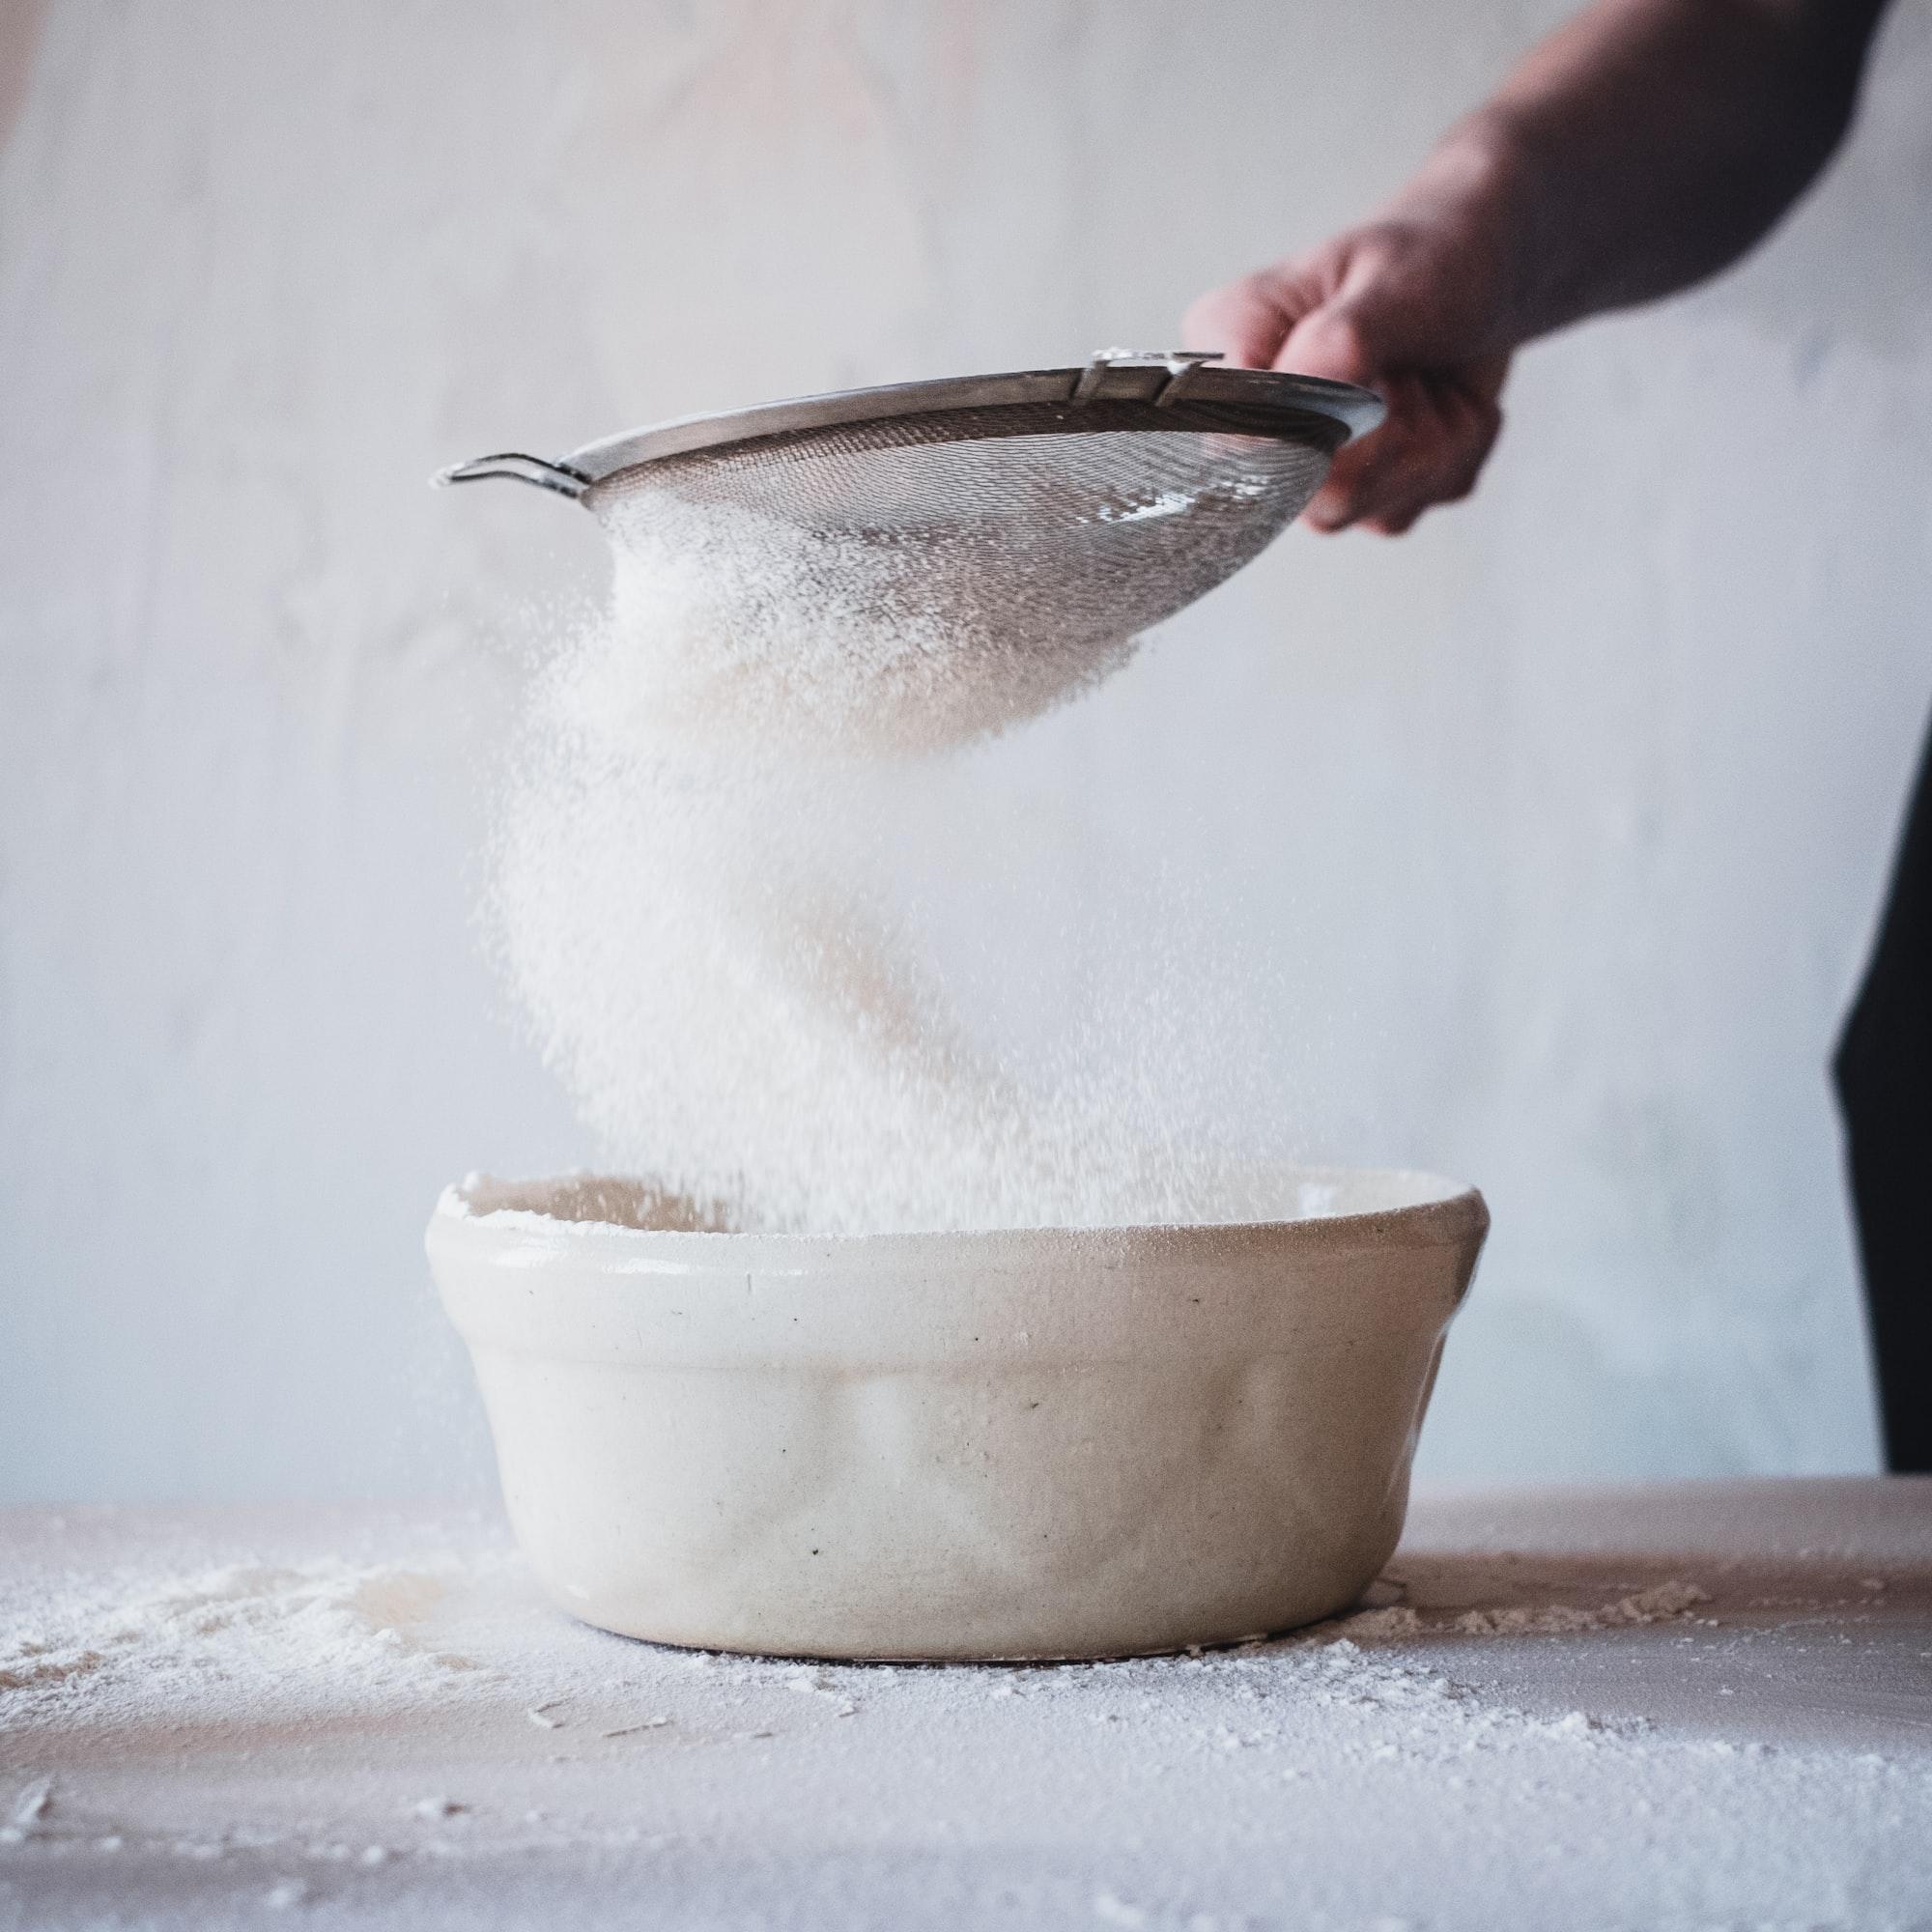 Suiker, een gif voor ons lichaam